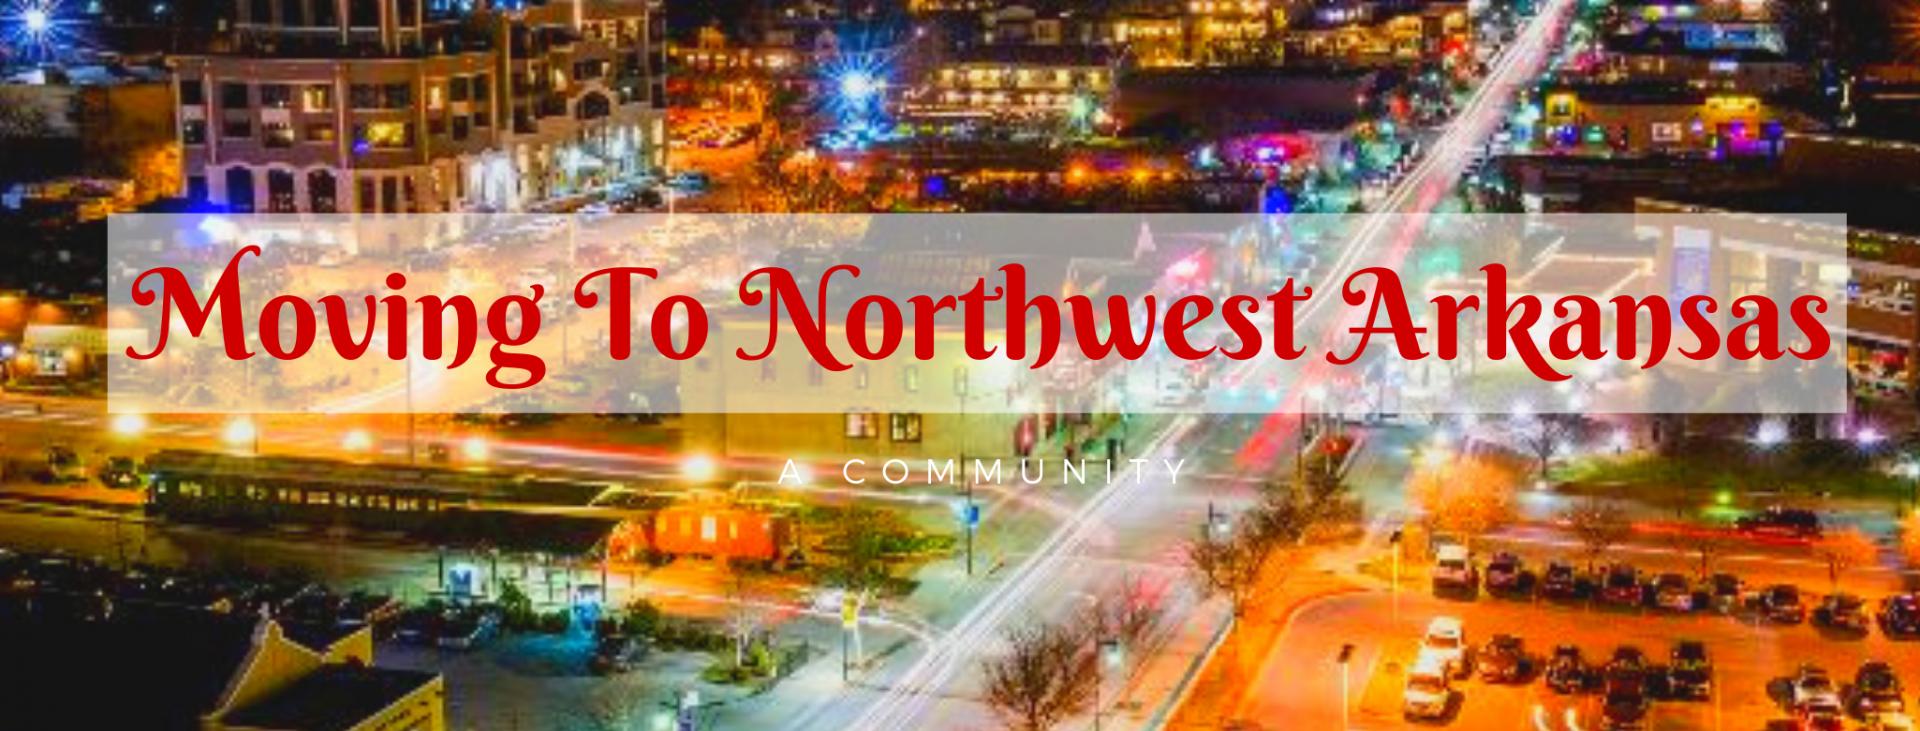 Moving to Northwest Arkansas